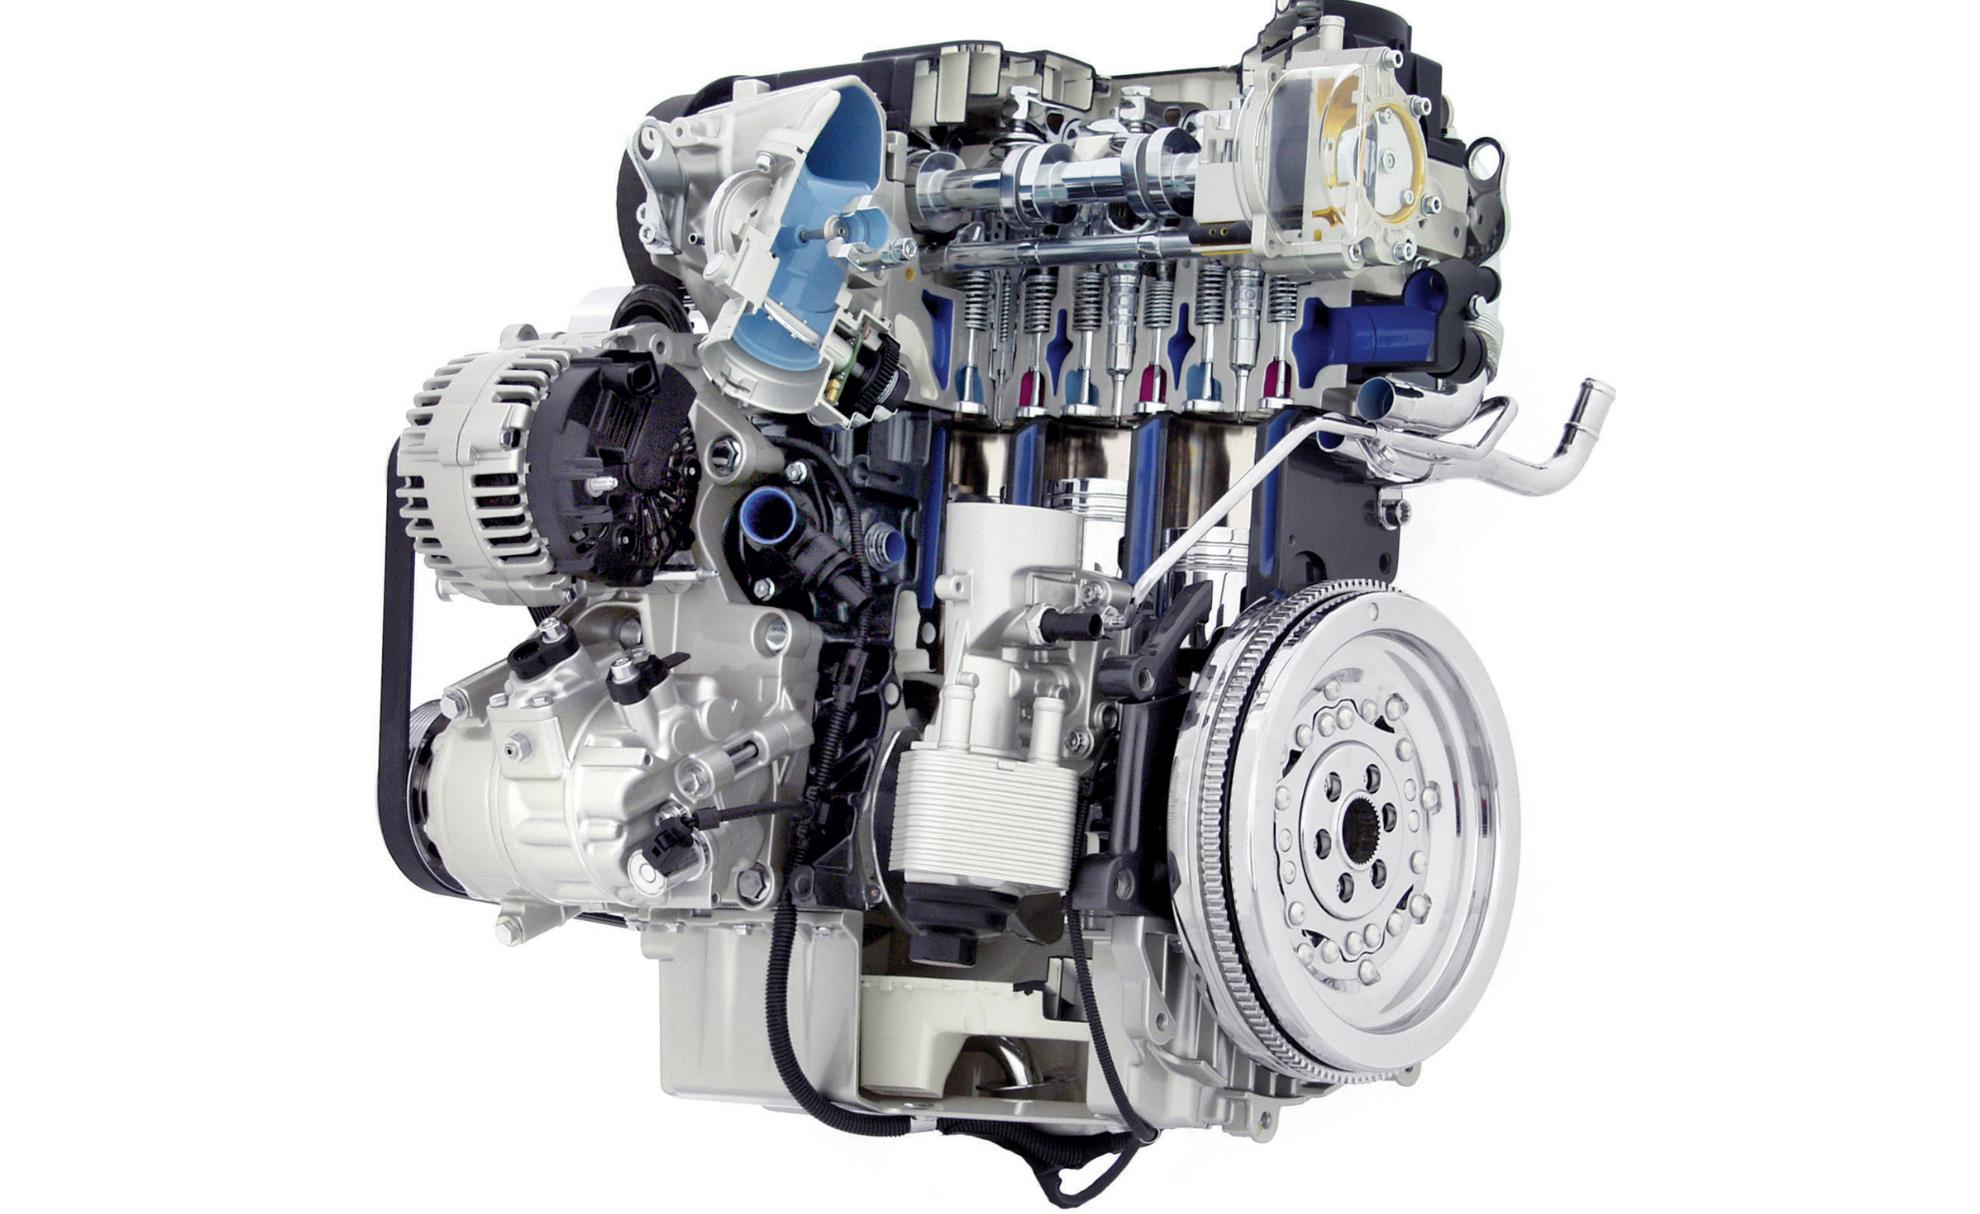 Vw Diesel Engines >> Volkswagen Receives Approval Of Dieselgate Fix For 1 1